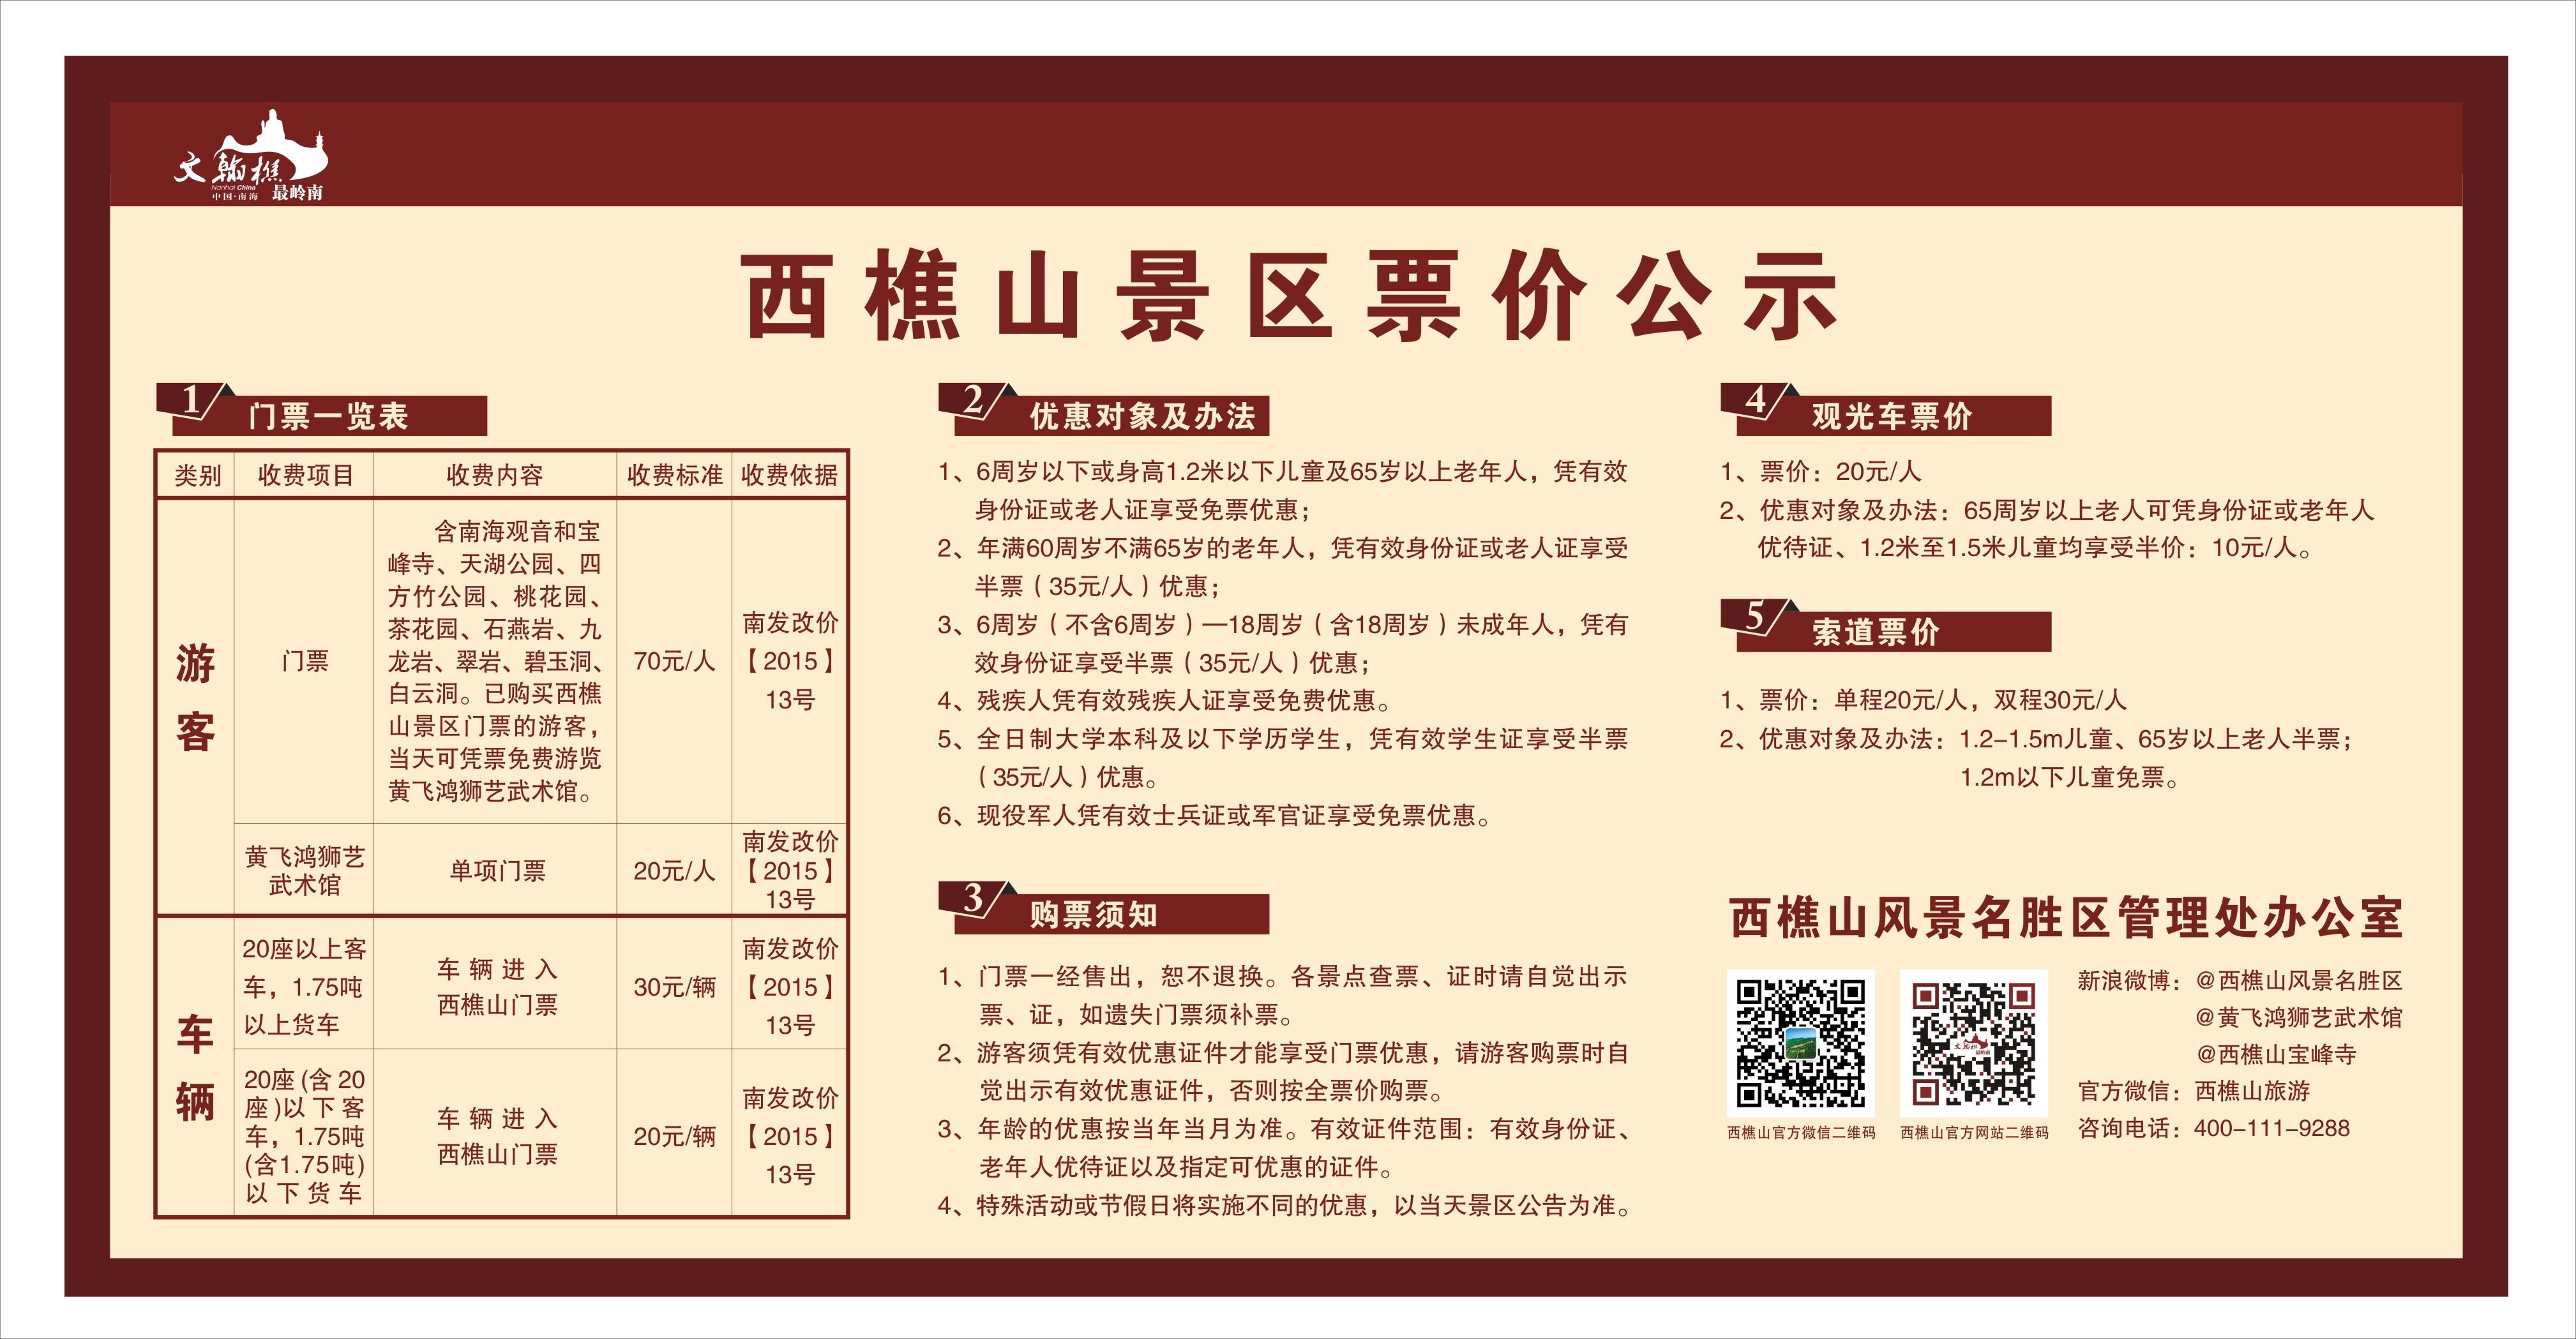 佛山南海新润成大酒店1晚+西樵山风景名胜区门票